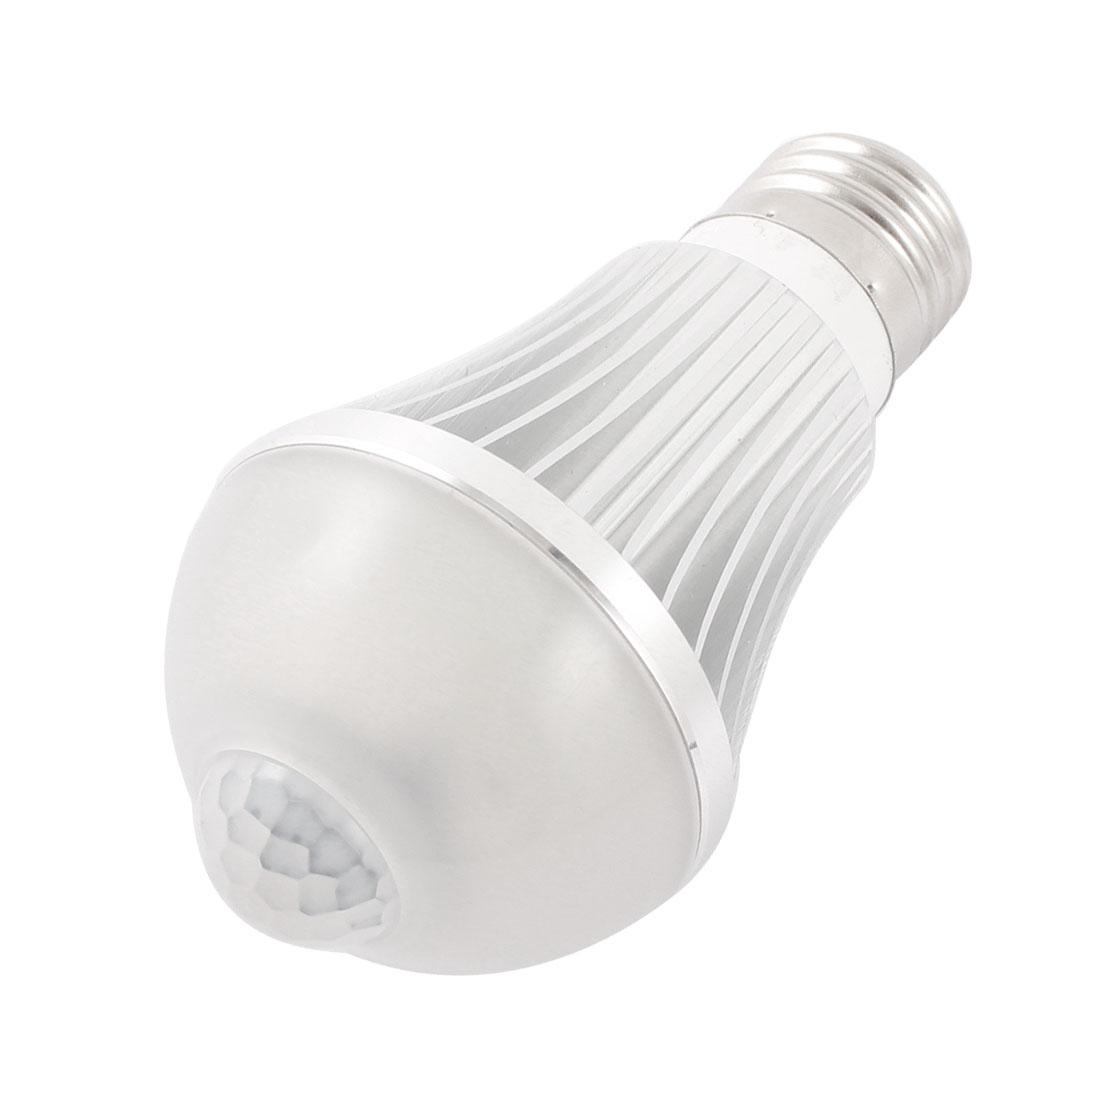 AC90-260V Input 6W 600lm 3-4M E26 White LED PIR Motion Sensor Light